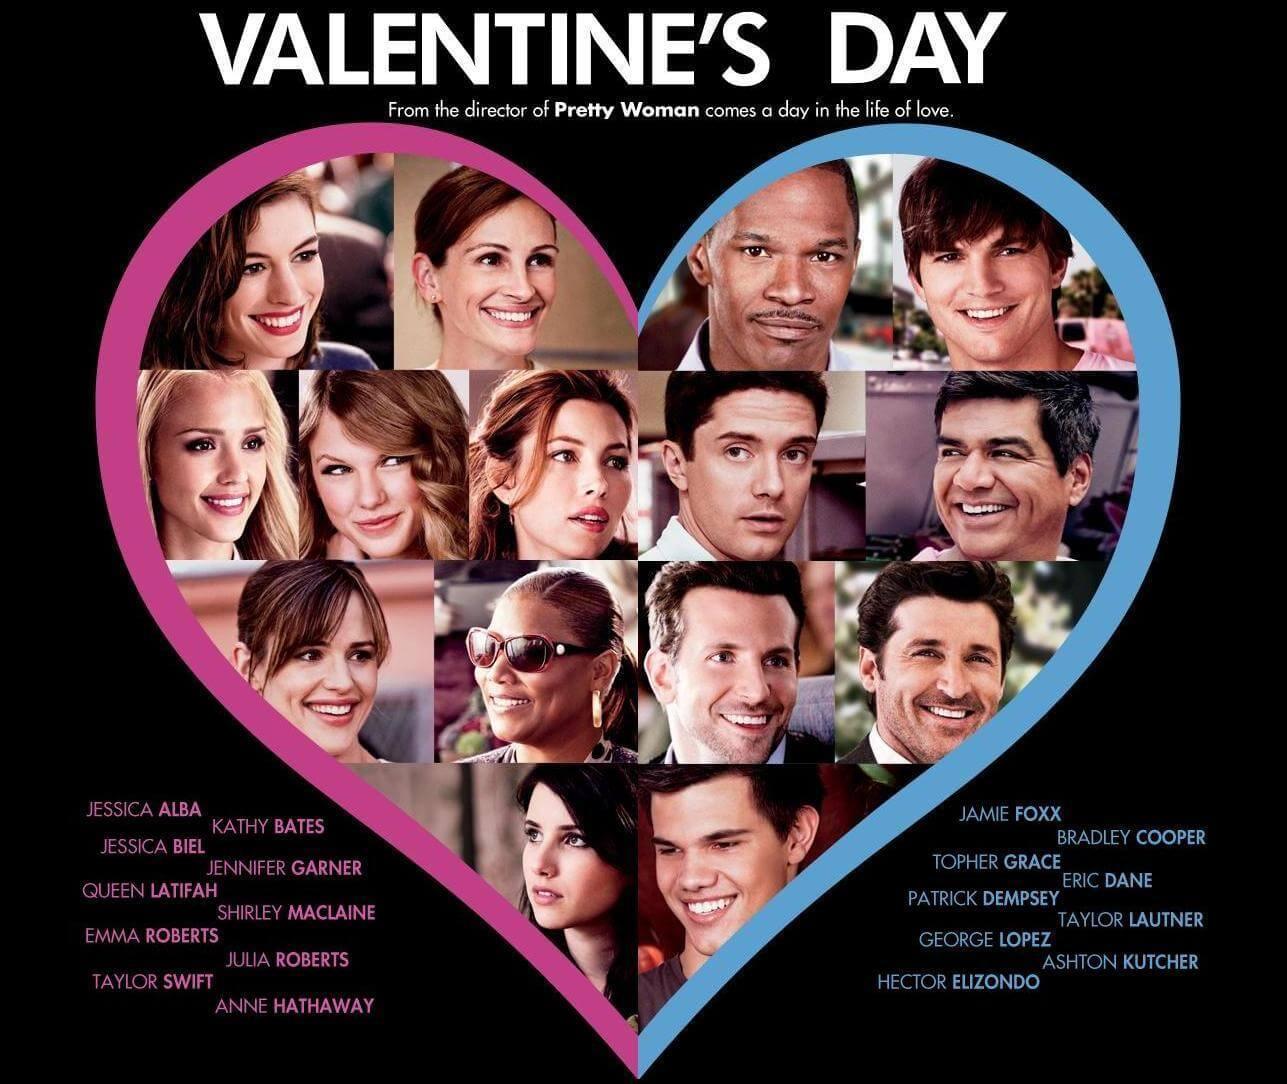 valentine-s-day-valentines-day-2010